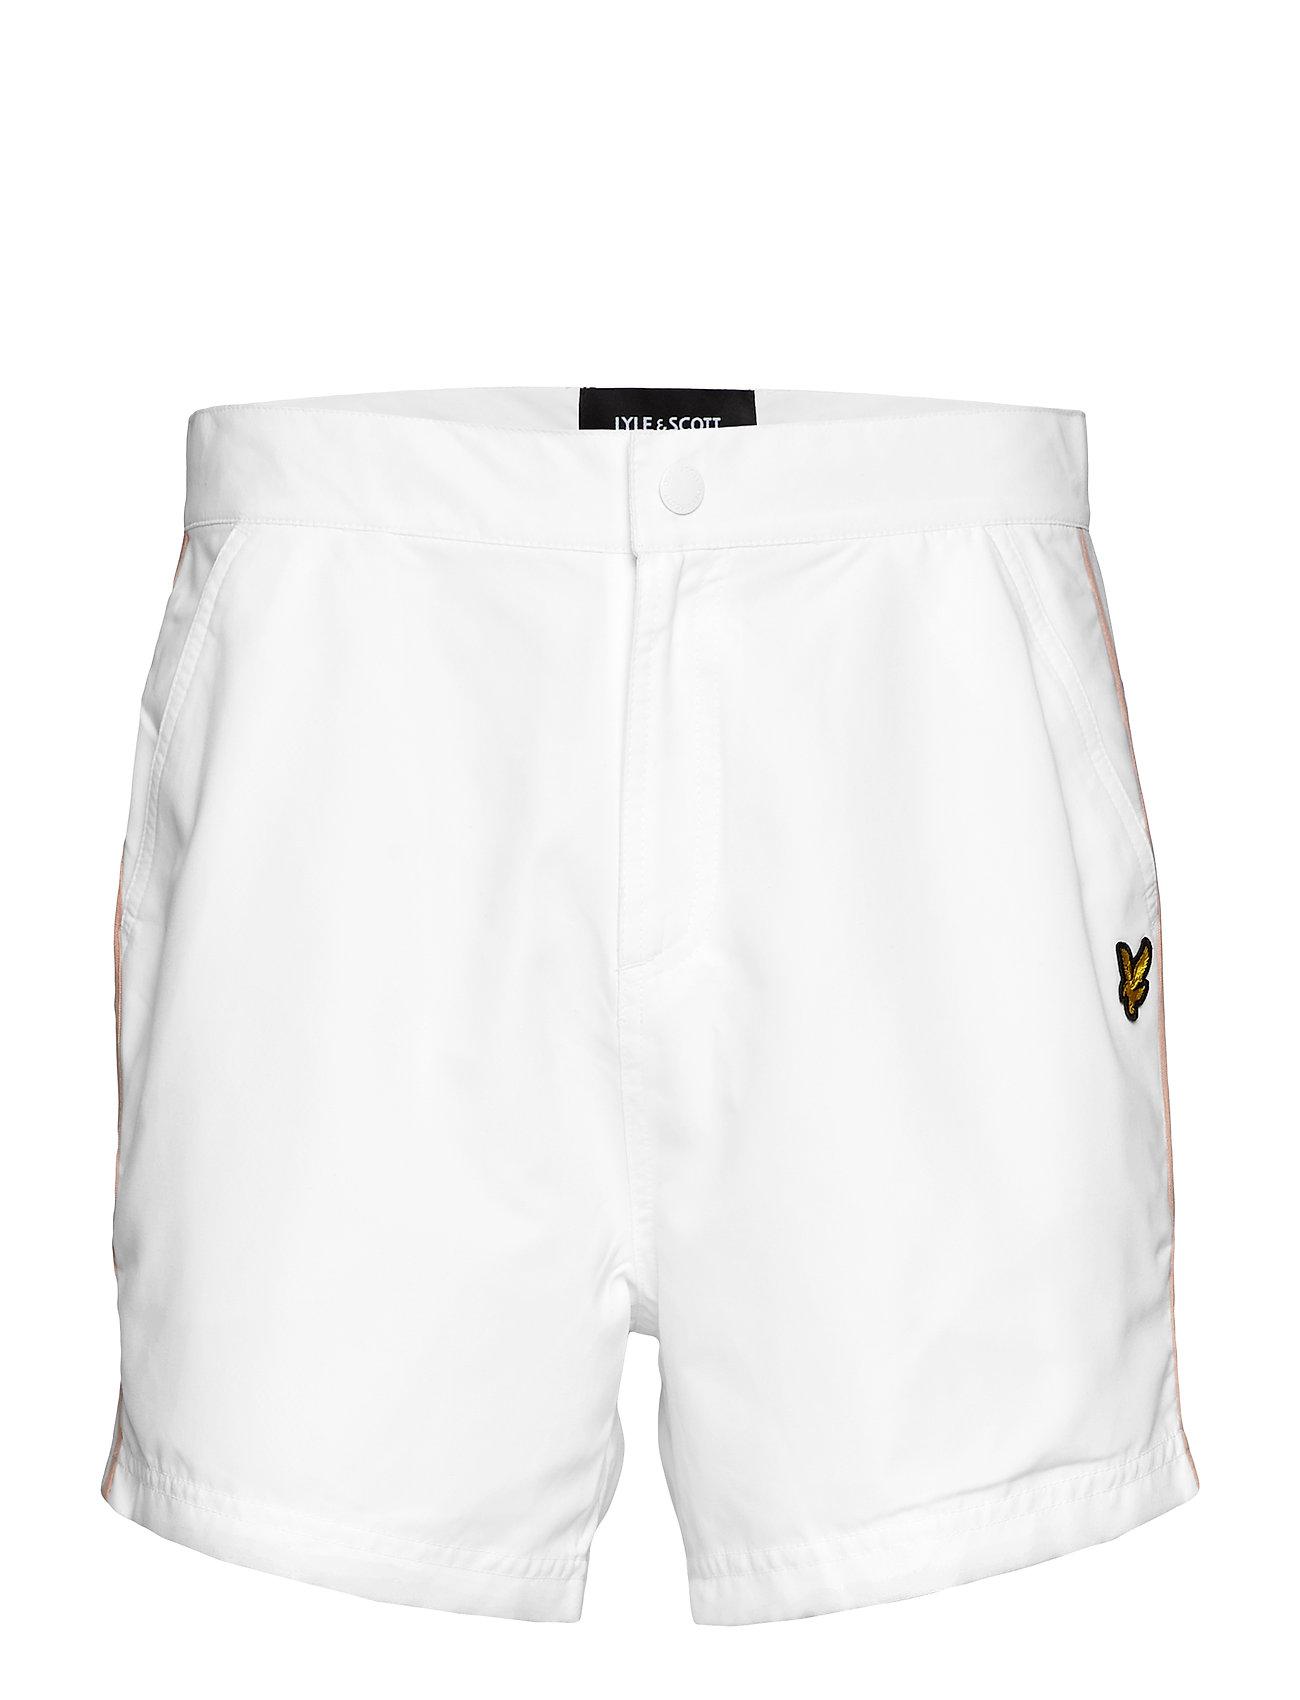 Lyle & Scott Side Stripe Swimshort - WHITE